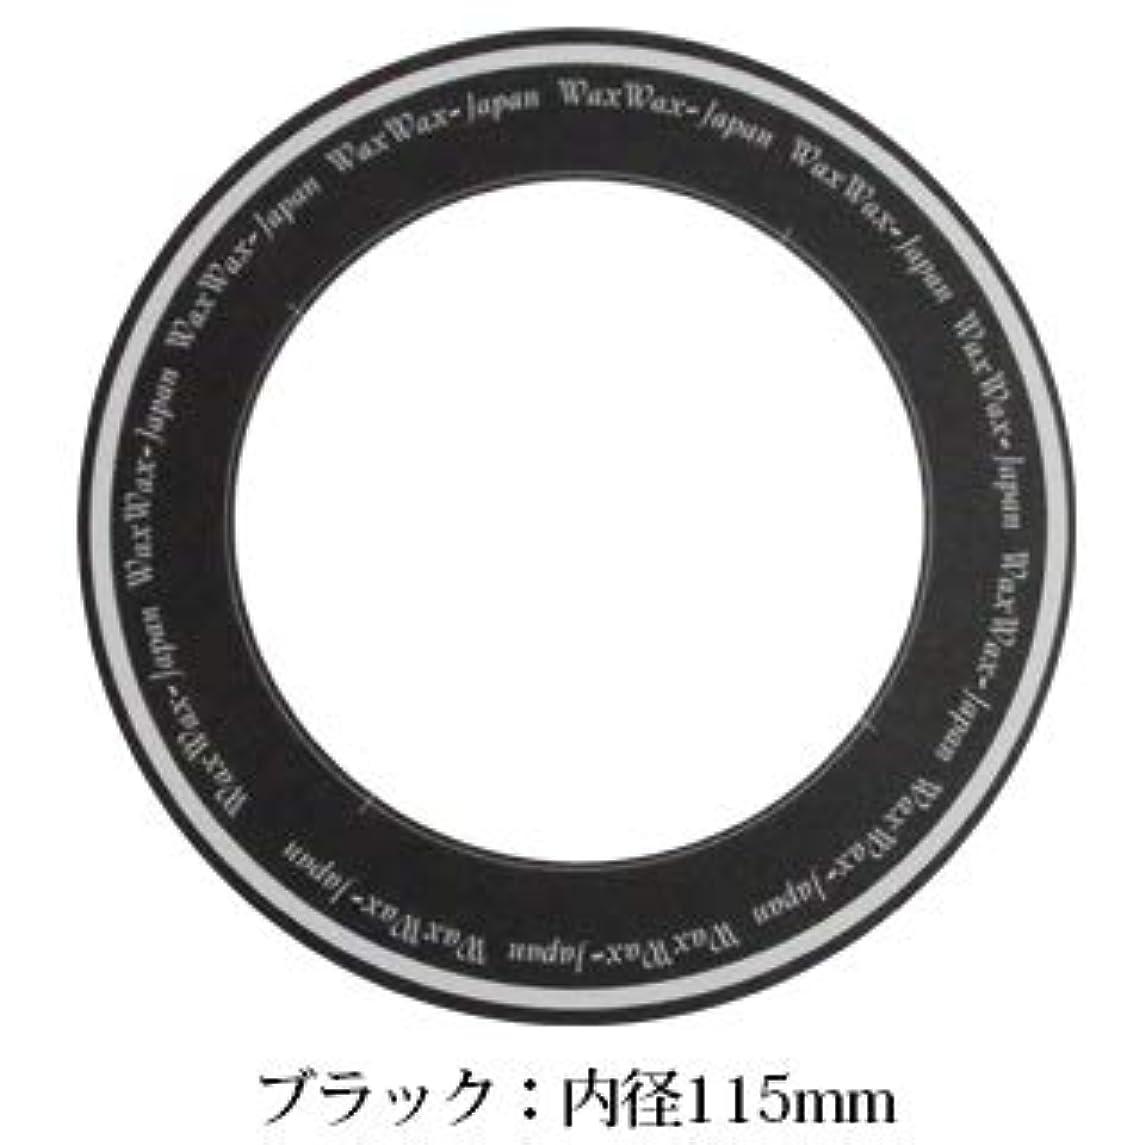 かろうじて高度革命的ワックス脱毛用カラー 50枚入 ワックスウォーマー専用 (Bタイプ ブラック 内径:115mm)